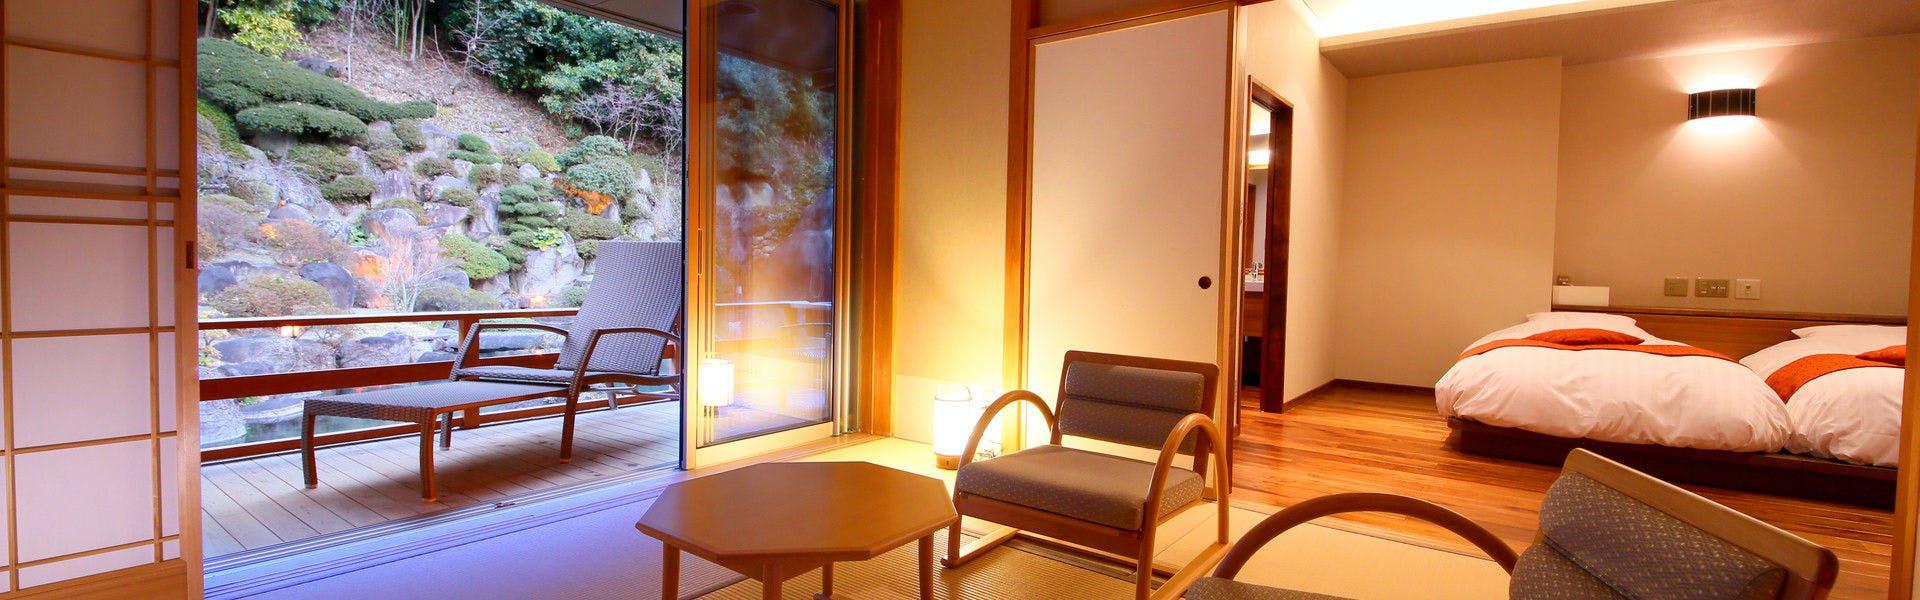 記念日におすすめのホテル・笛吹川温泉 坐忘の写真2